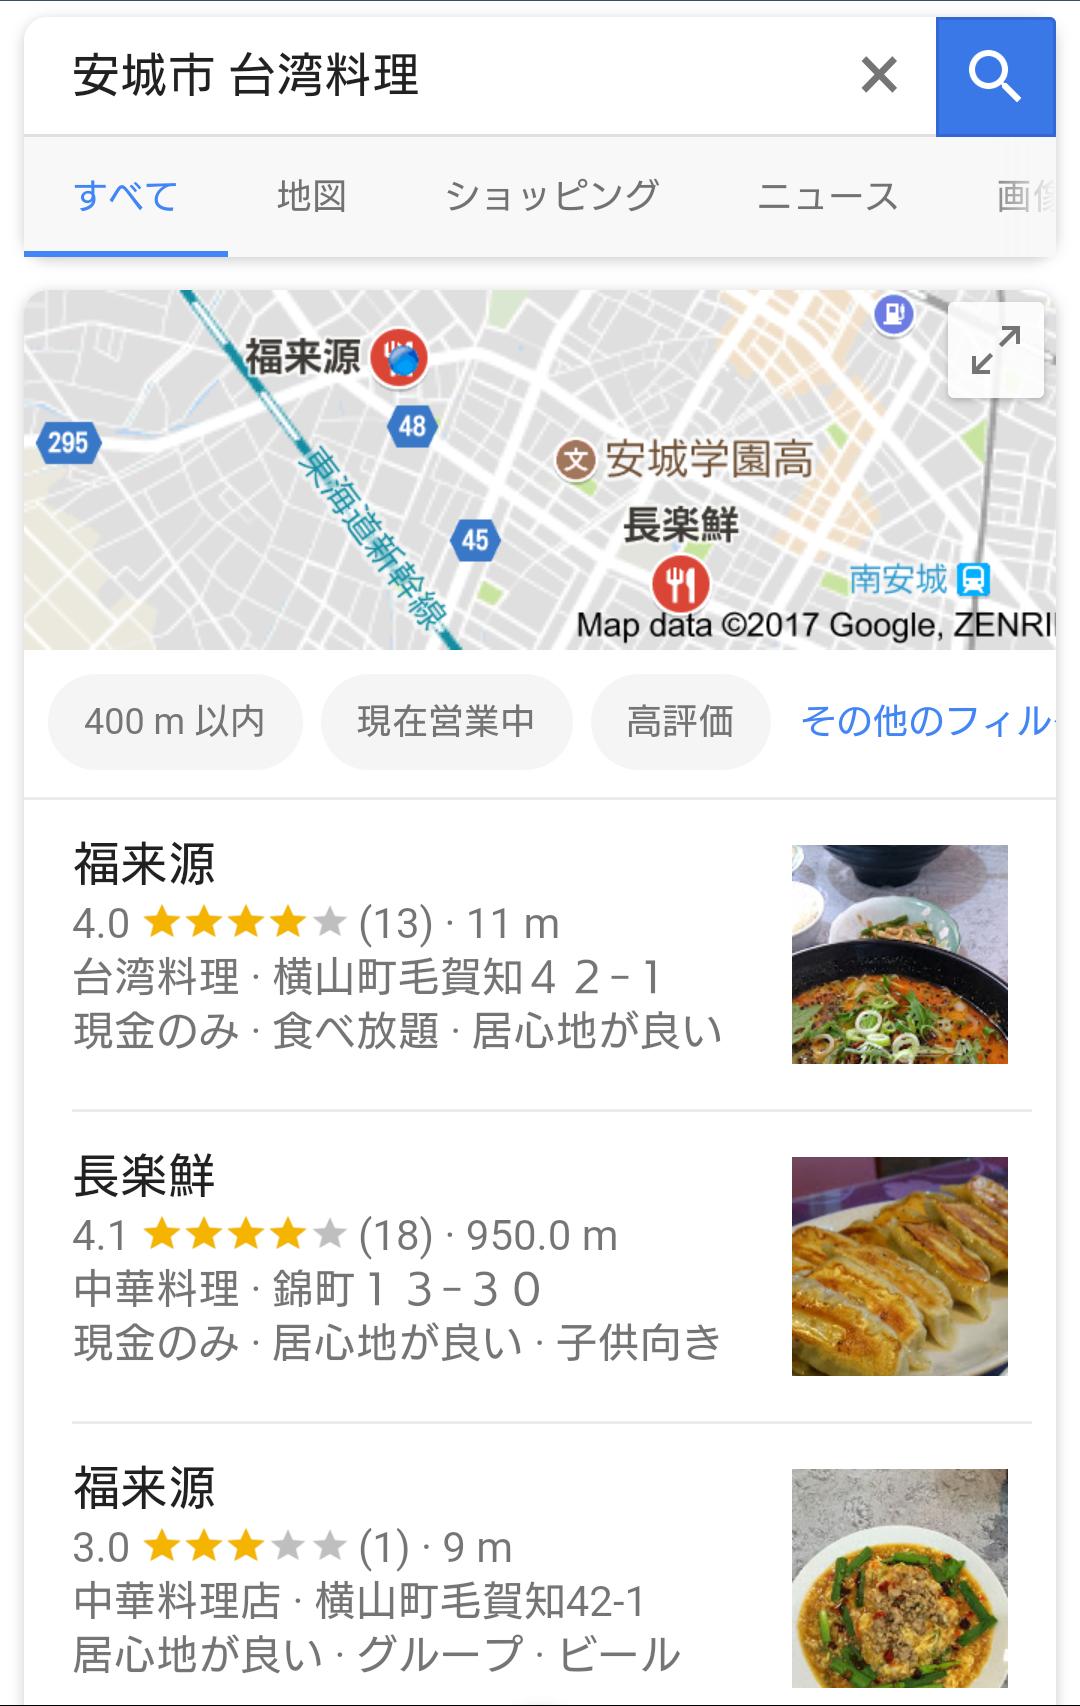 2017.9.11 福来源 (5) 「安城市 - 台湾料理」で検索1位 1080-1706